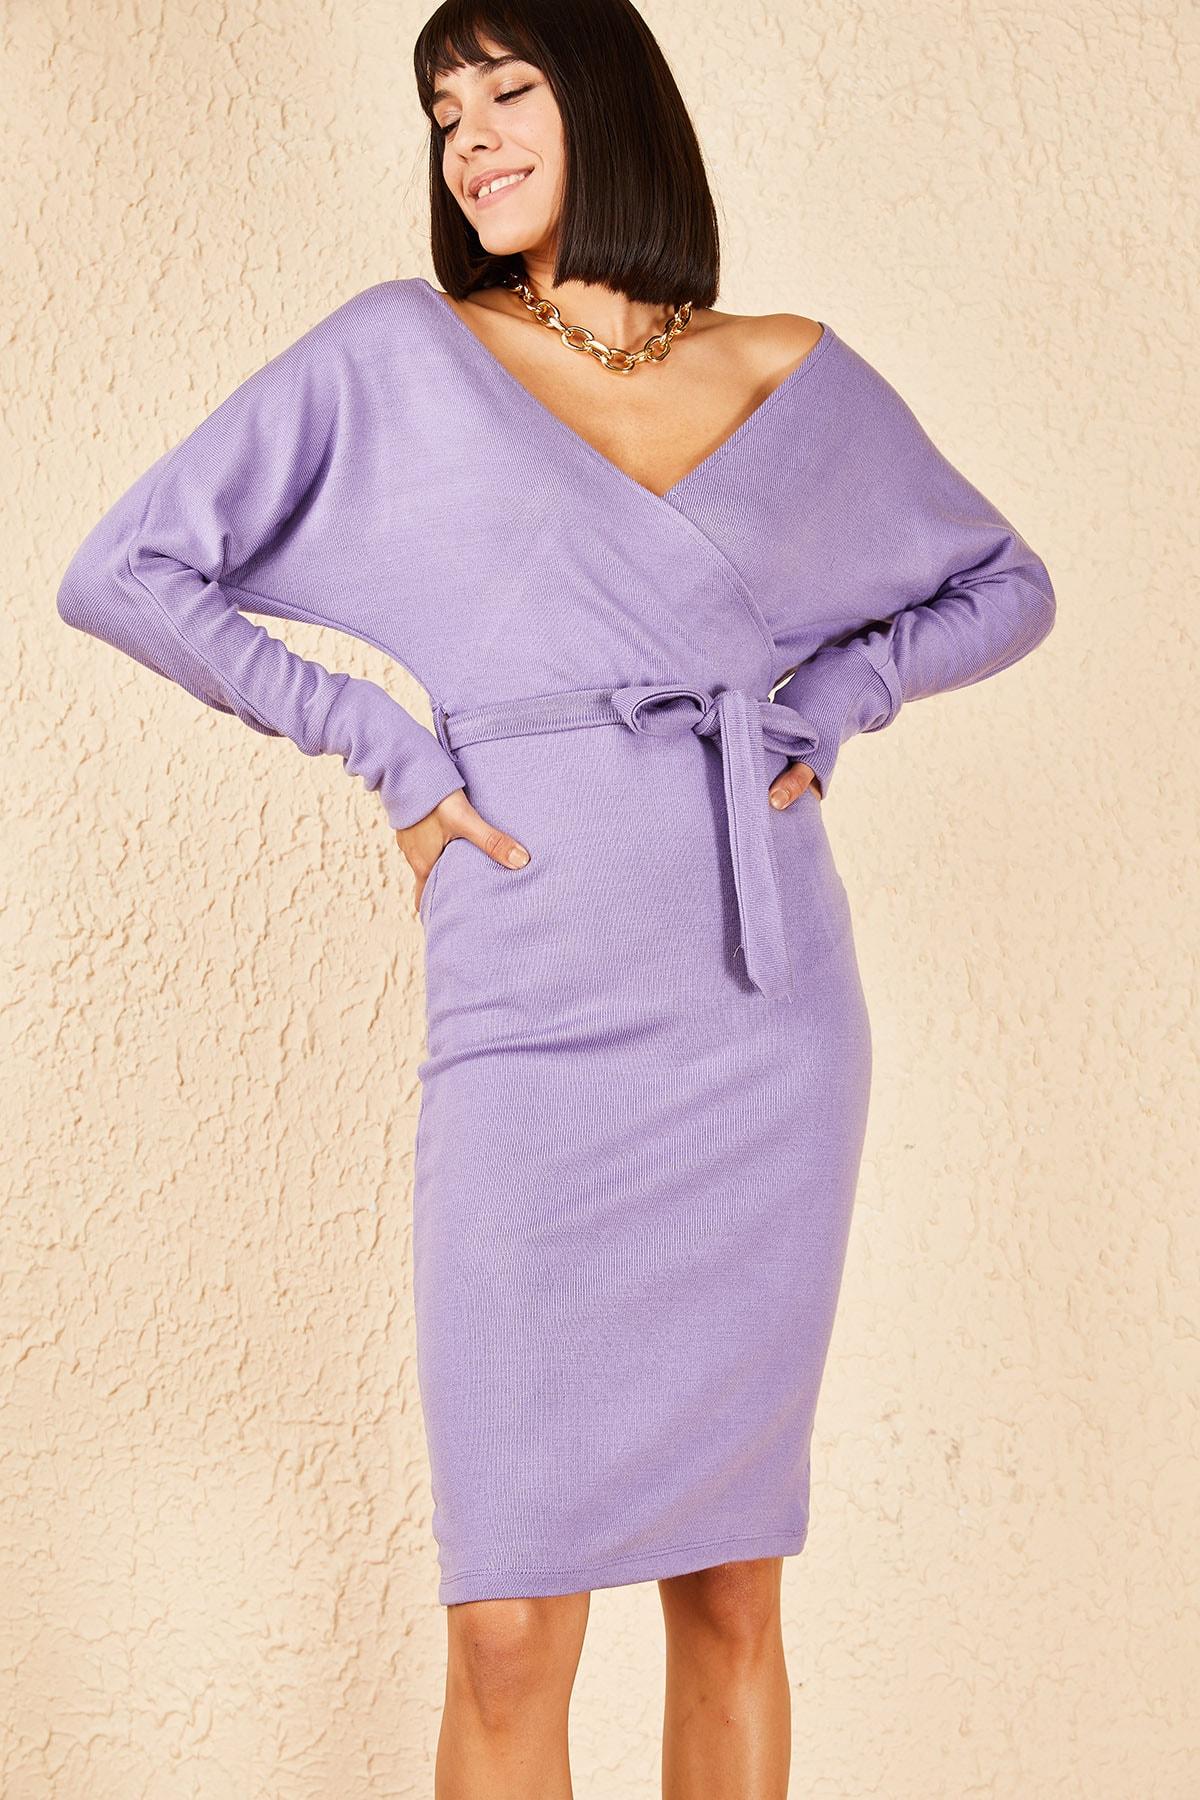 Bianco Lucci Kadın Lila Kuşaklı Ön Arka Kruvaze Yaka Akrilik Elbise 10171003